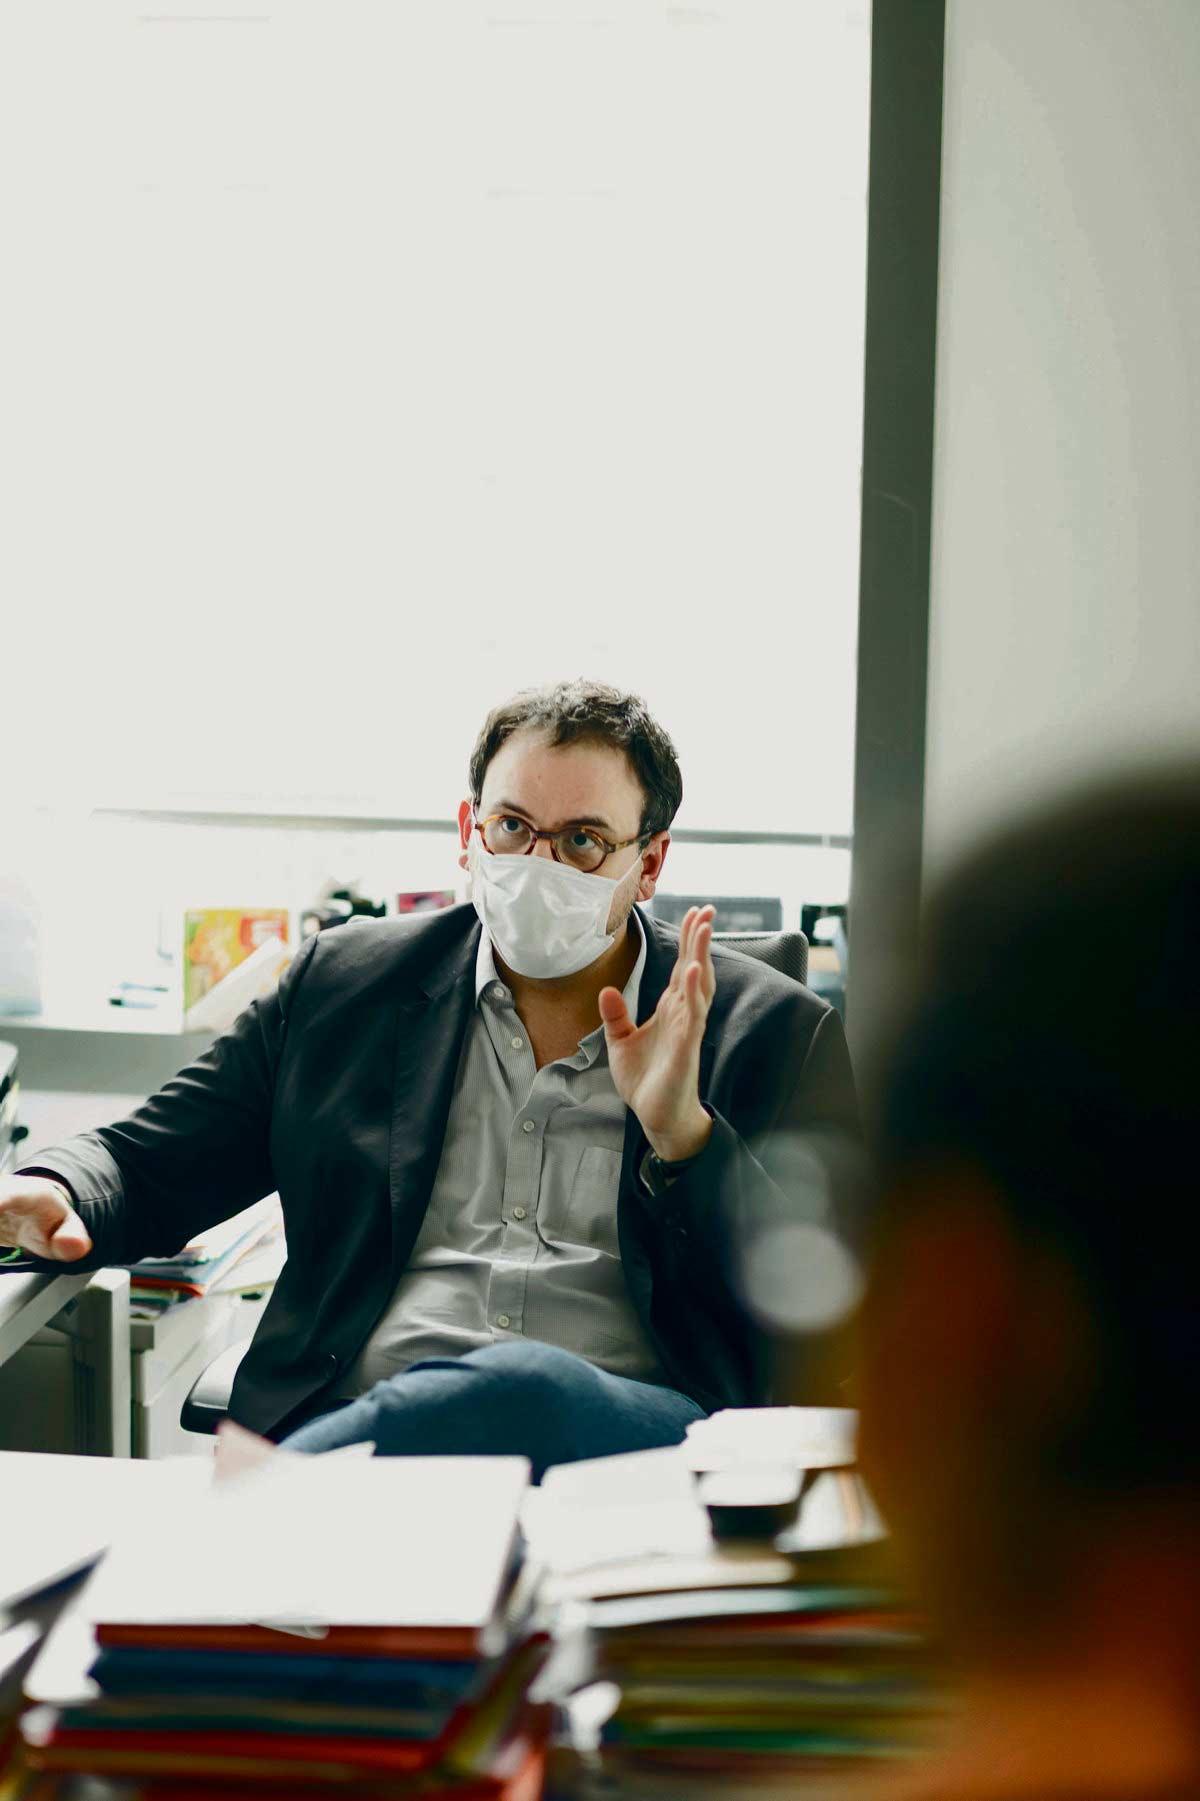 Генеральный директор Регионального агентства по здравоохранению (ARS) Иль-де-Франс Орельен Руссо полагает, что мы вступили «в период, когда нам придётся жить бок о бок с коронавирусом». Само ARS критикуют все и вся.